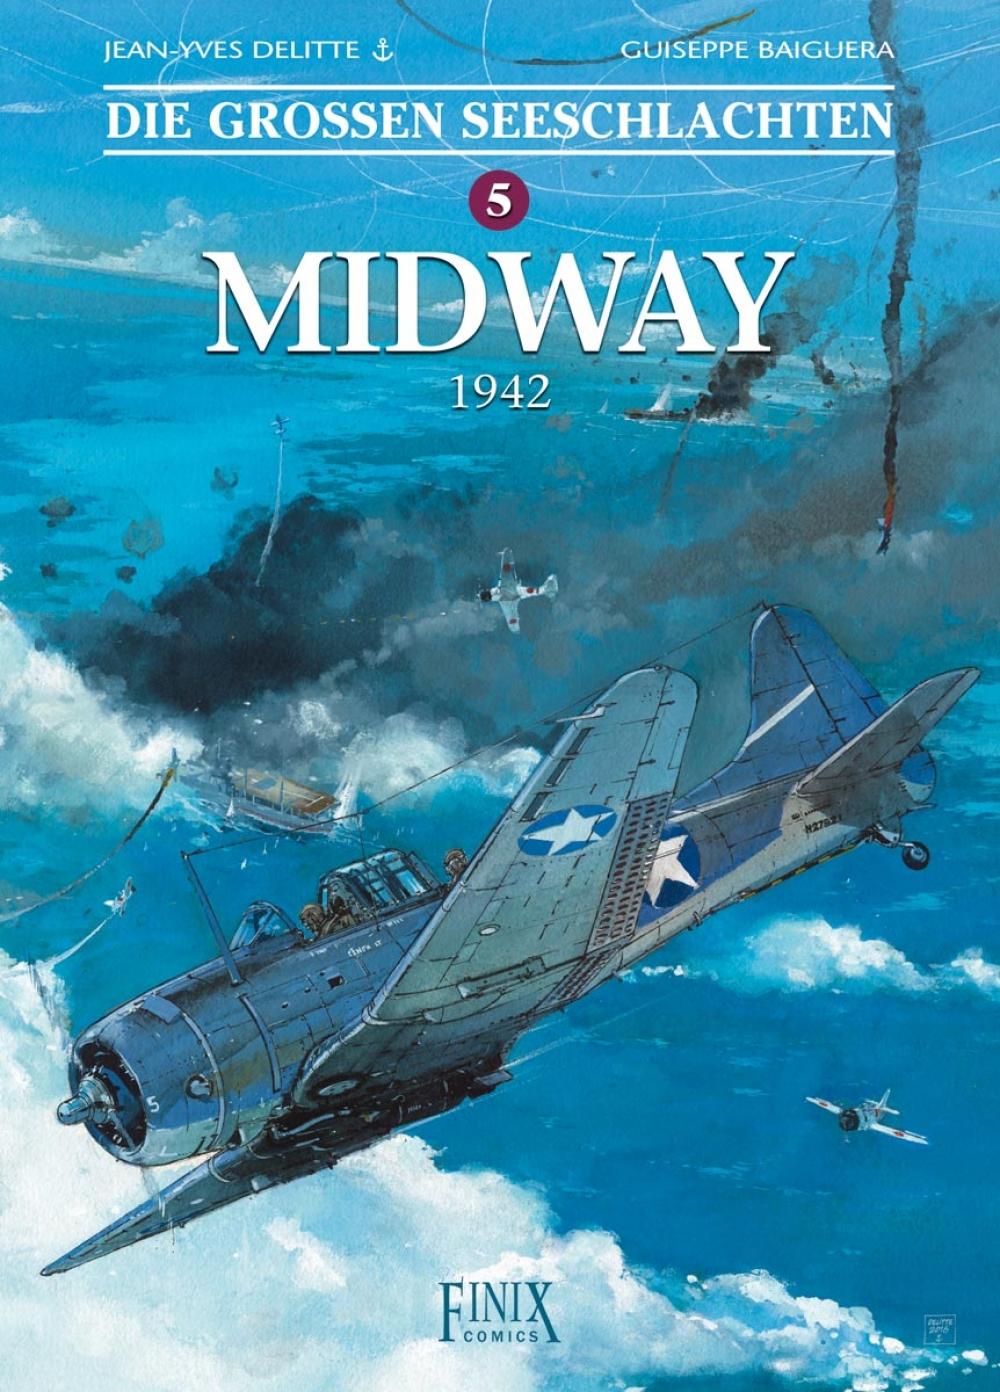 Die großen Seeschlachten 5 : Midway